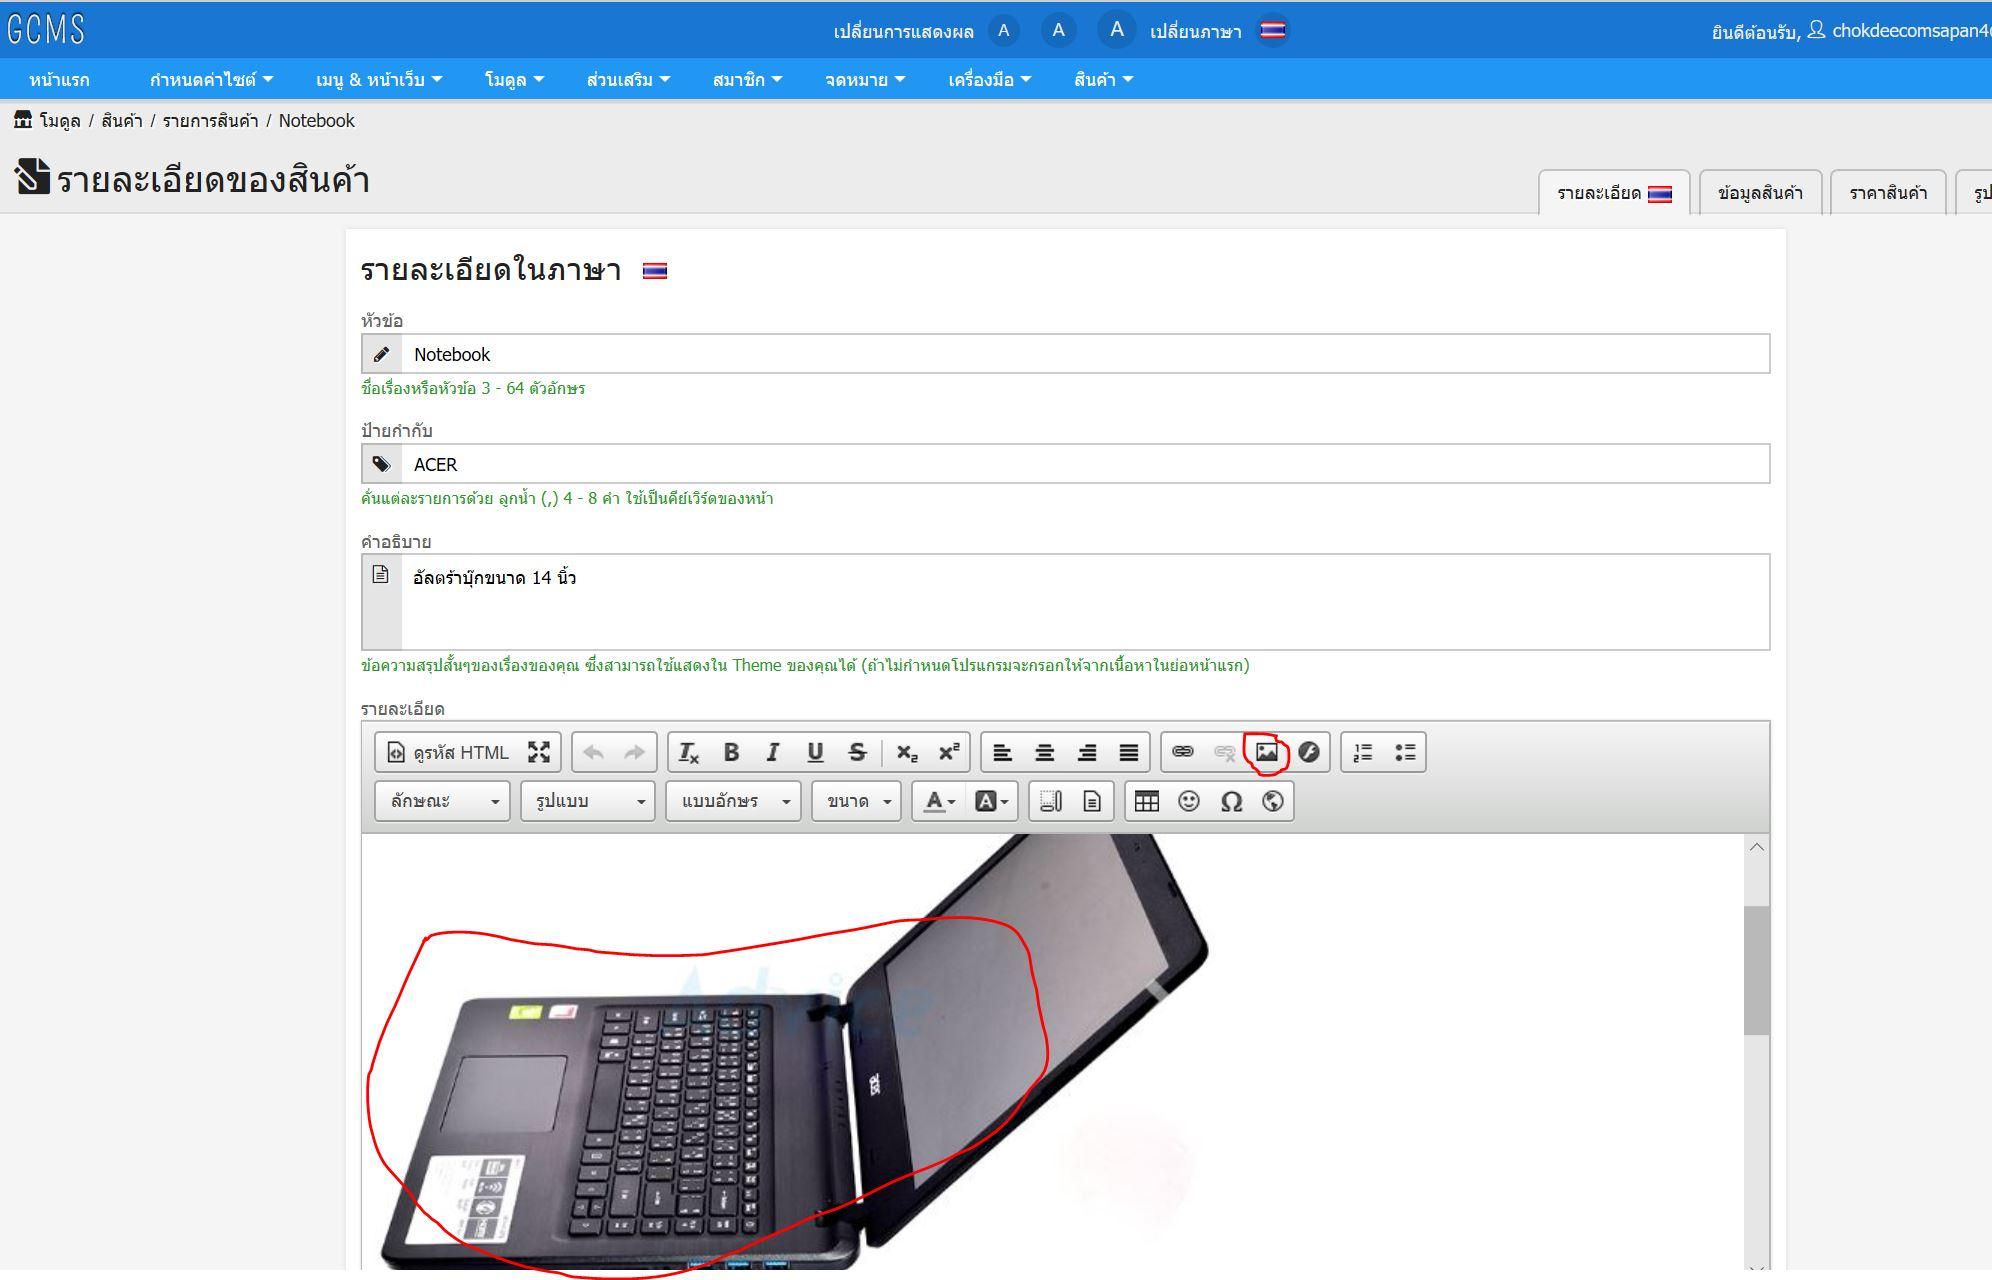 ecommerce-master GCMS V10.0.0 พบปัญหา ใส่รูปภาพในช่อง รายละเอียด